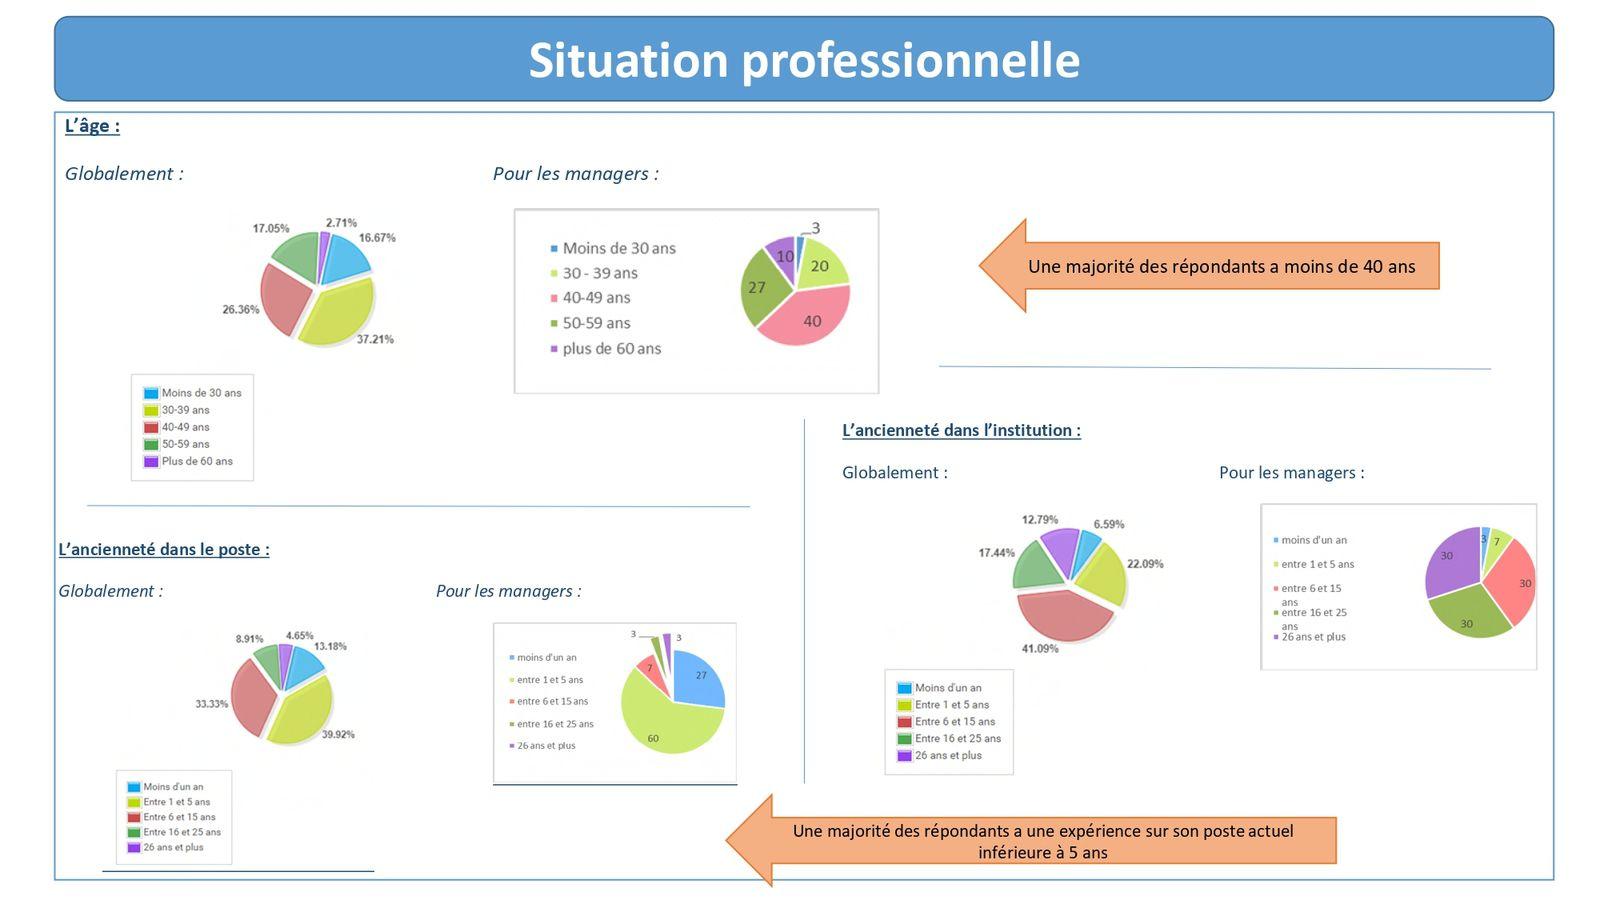 La CFDT a fait part, lors du CHSCT du 16 avril dernier, du triste constat de l'analogie des résultats avec ceux de l'audit du climat social de 2015.